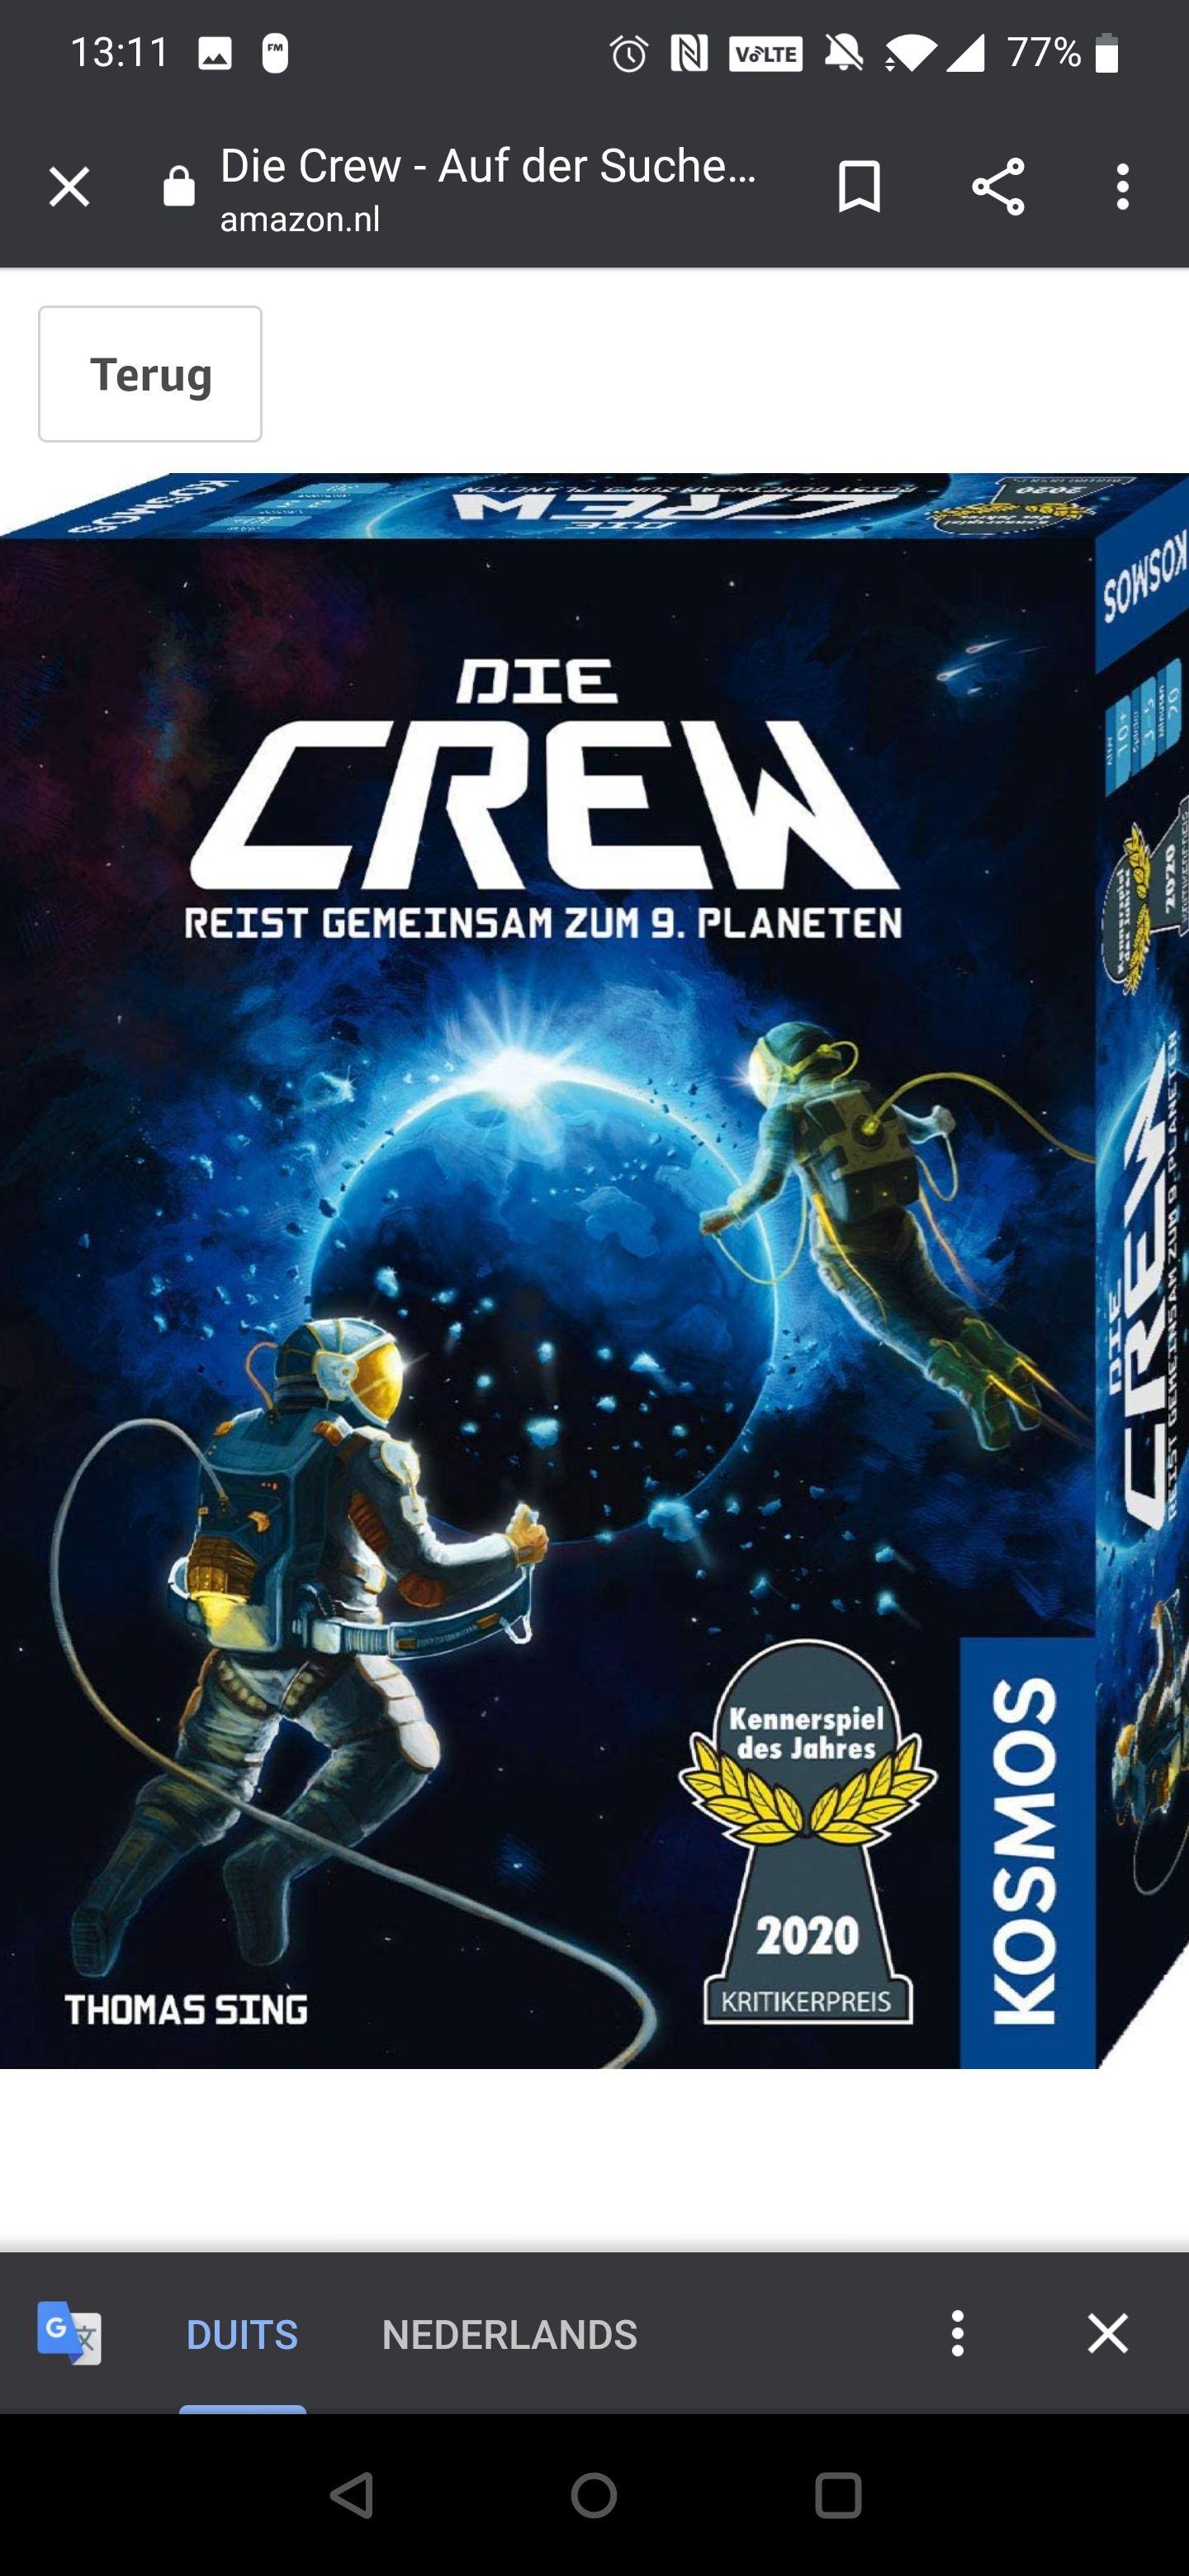 De Crew (Duitse versie)